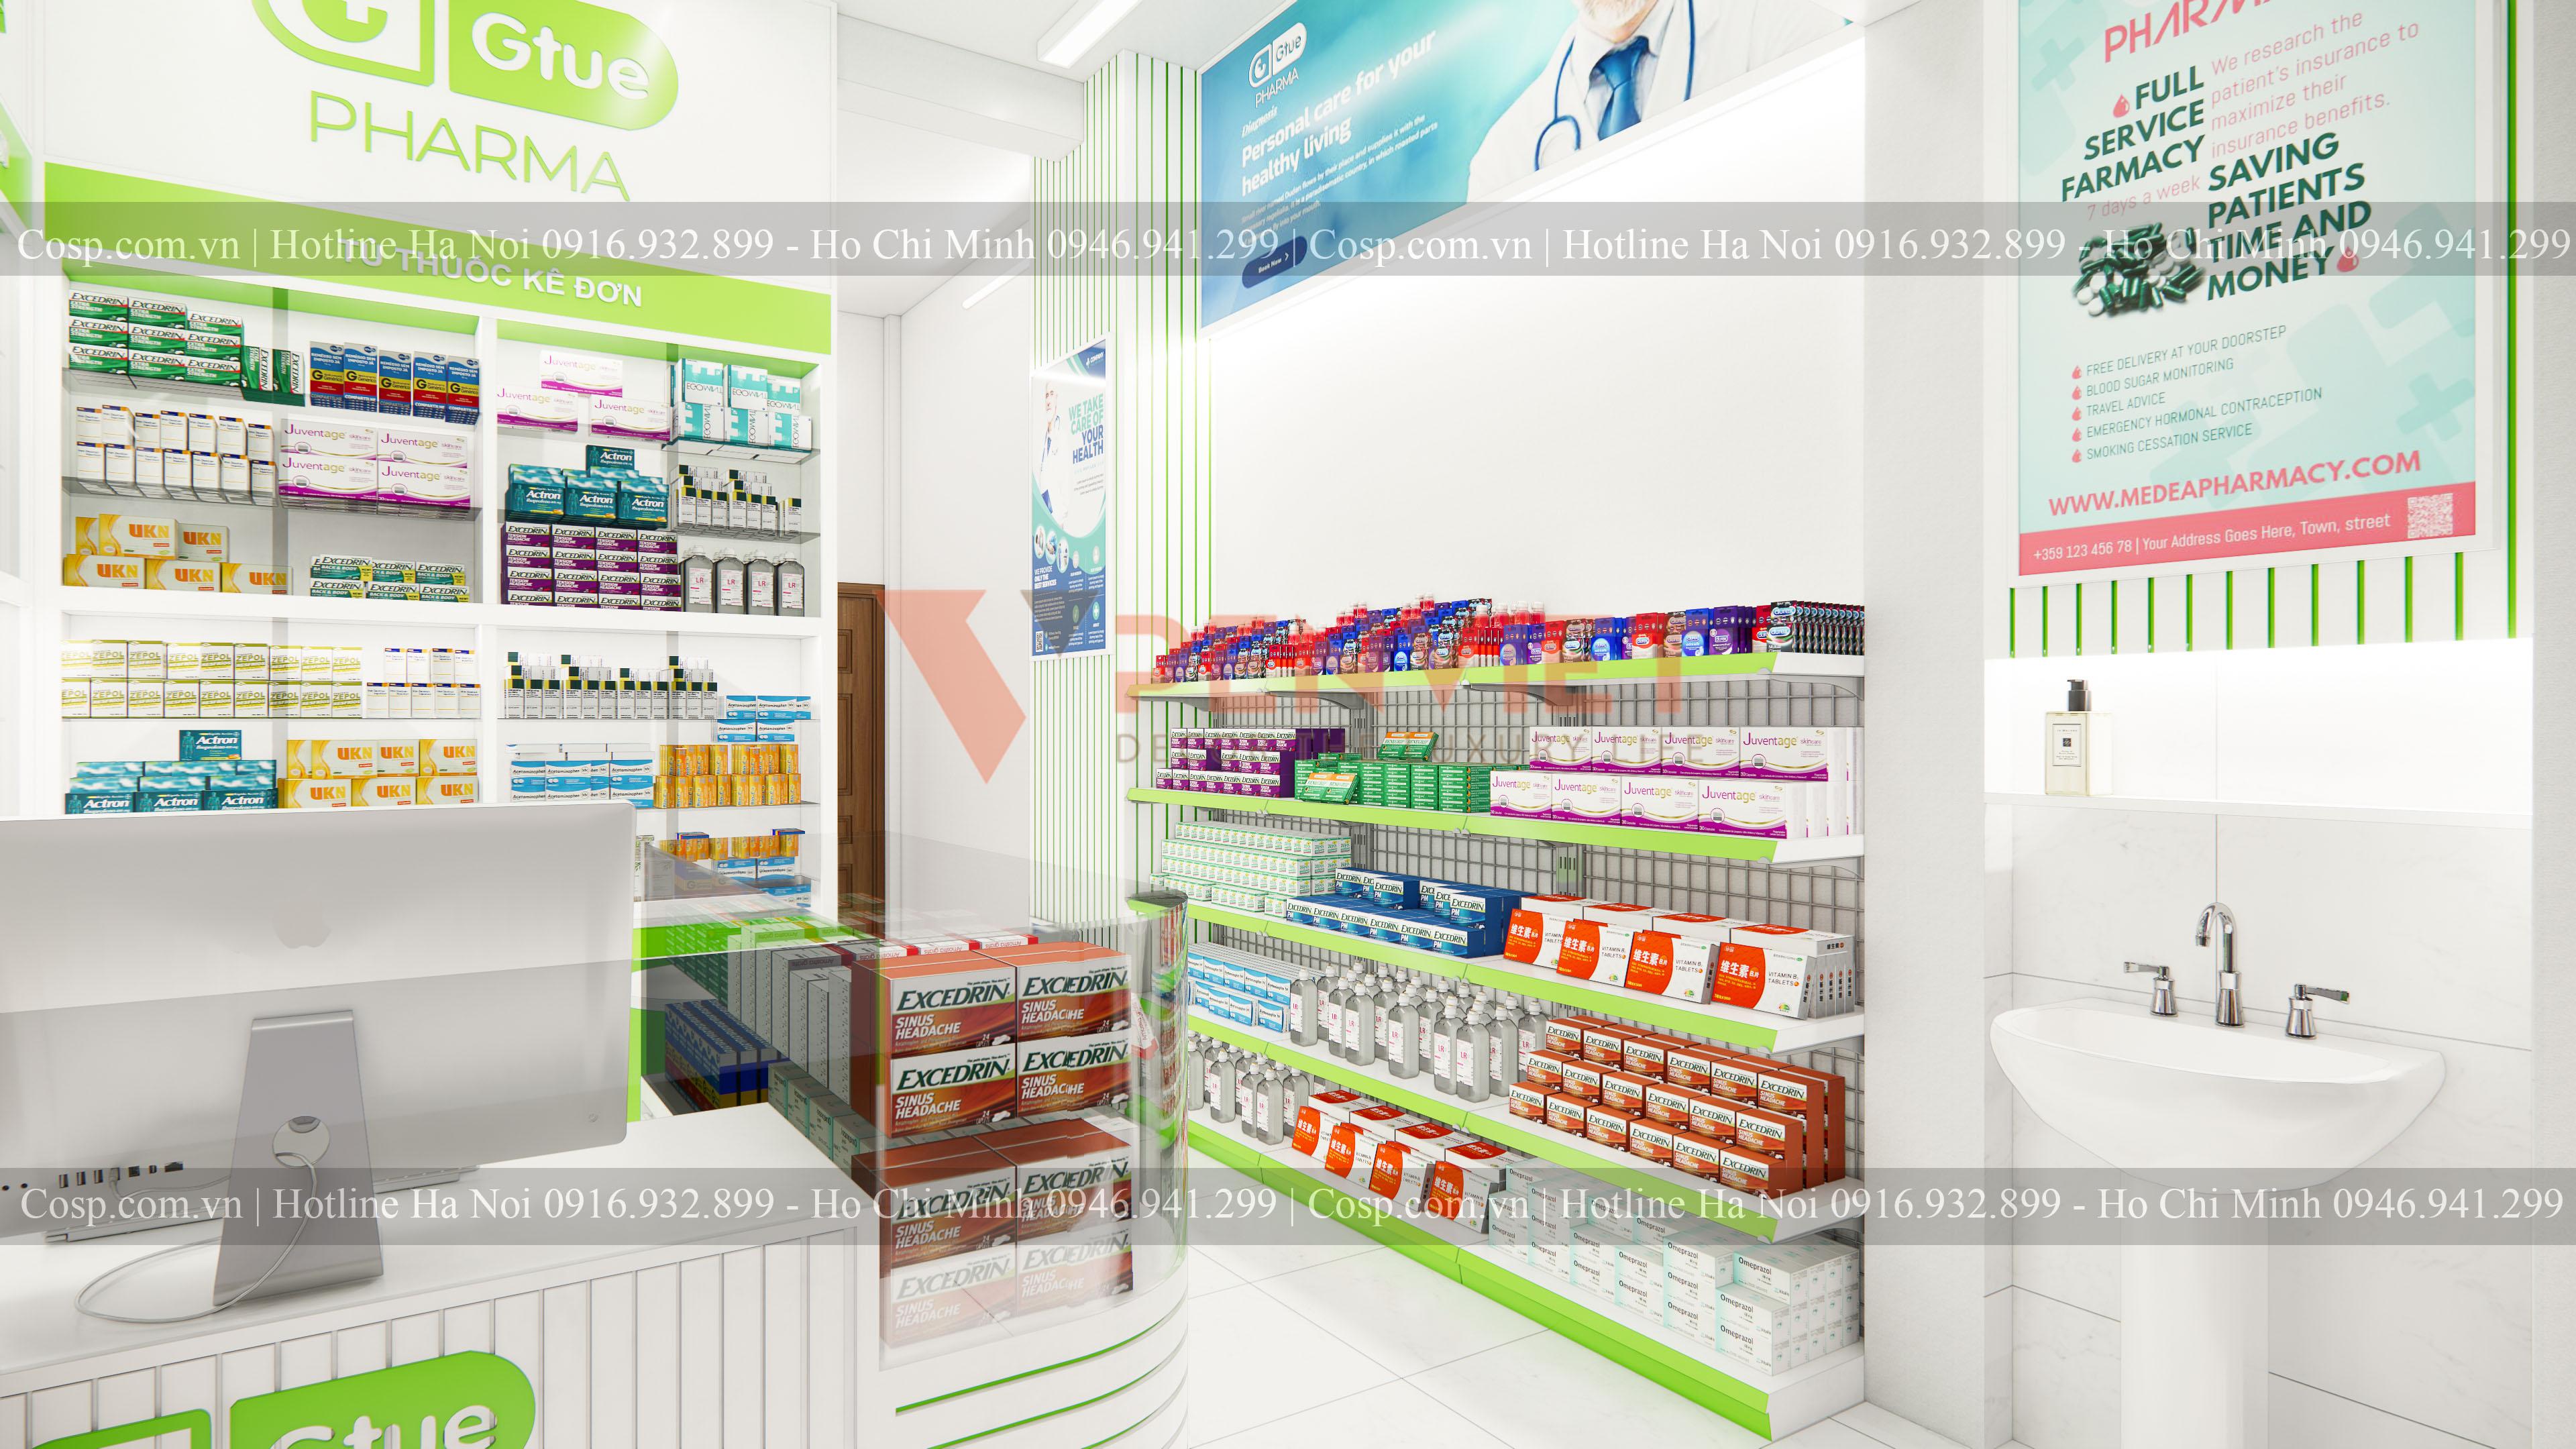 Kệ siêu thị được dùng cho mẫu thiết kế hiệu thuốc Gtue - Pharma